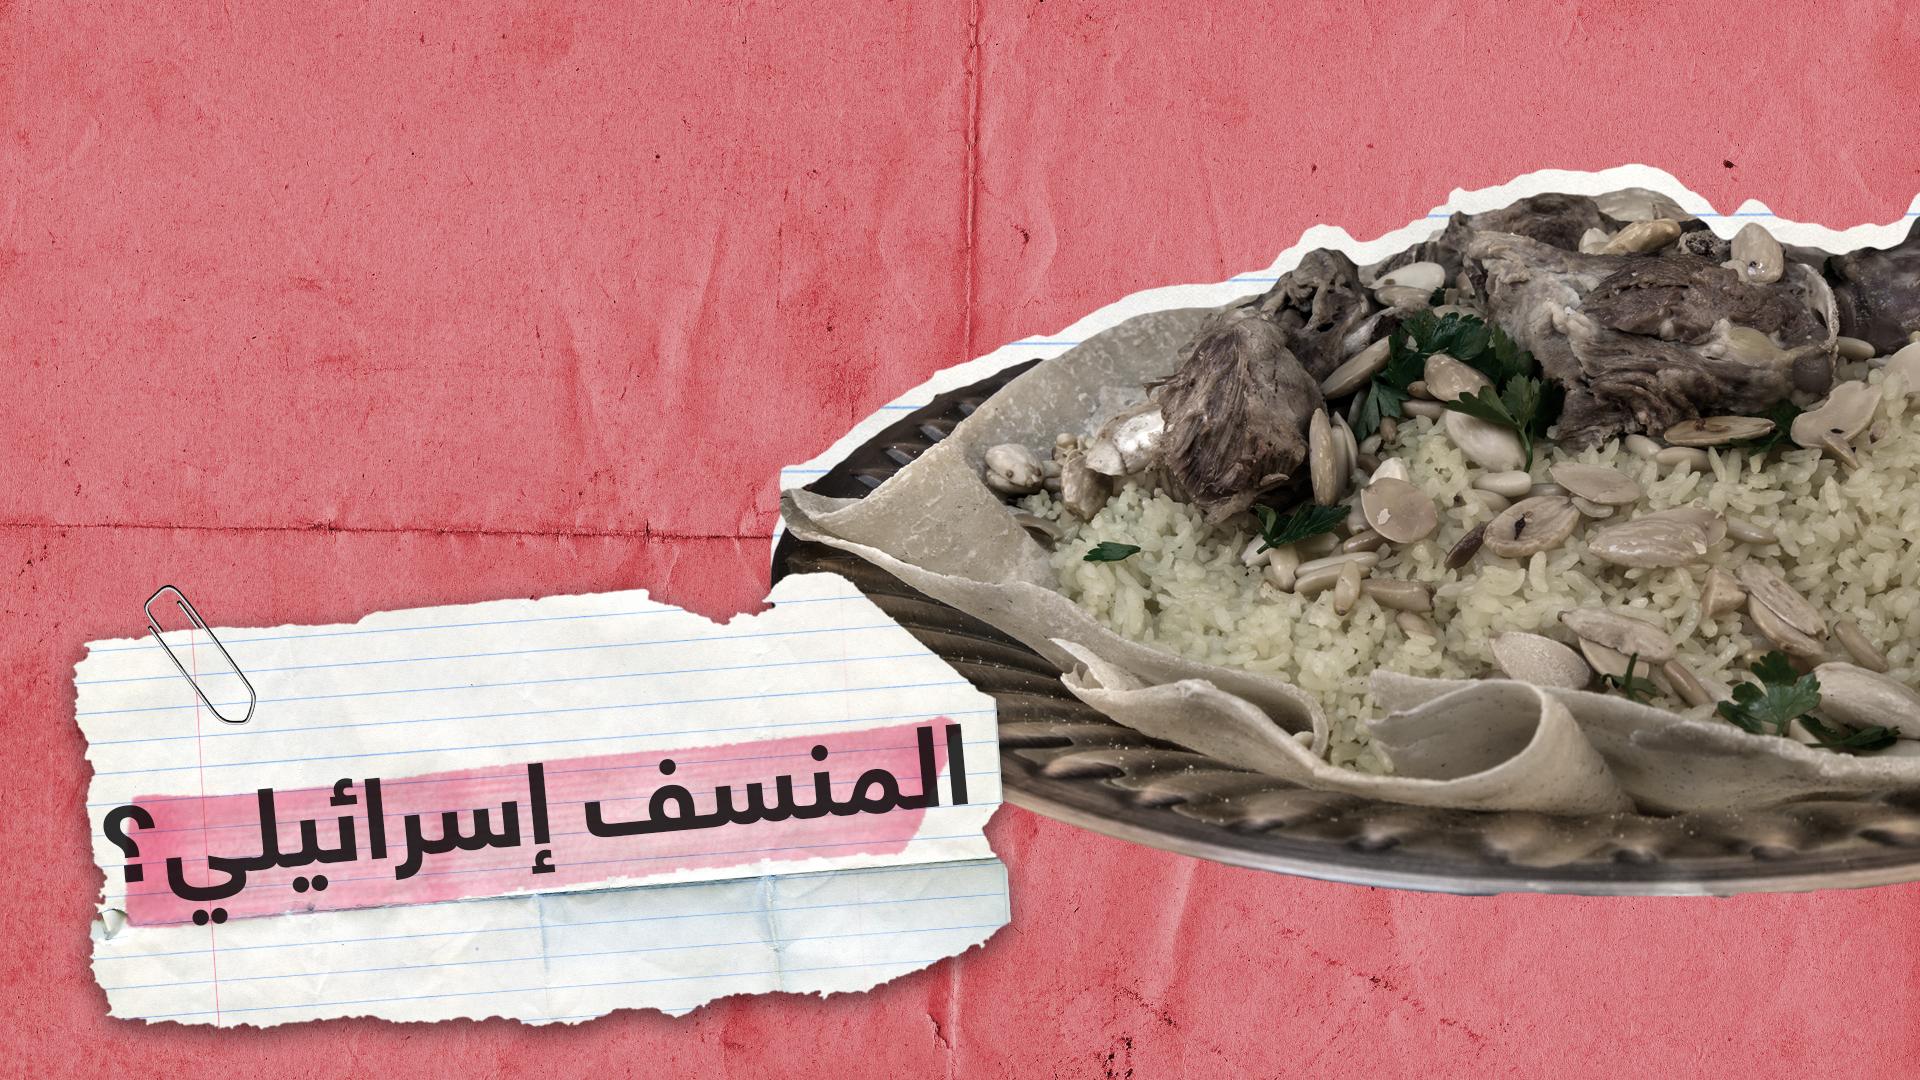 المنسف والمسخن إسرائيليان؟.. جدل بسبب تغريدة ناشط إماراتي